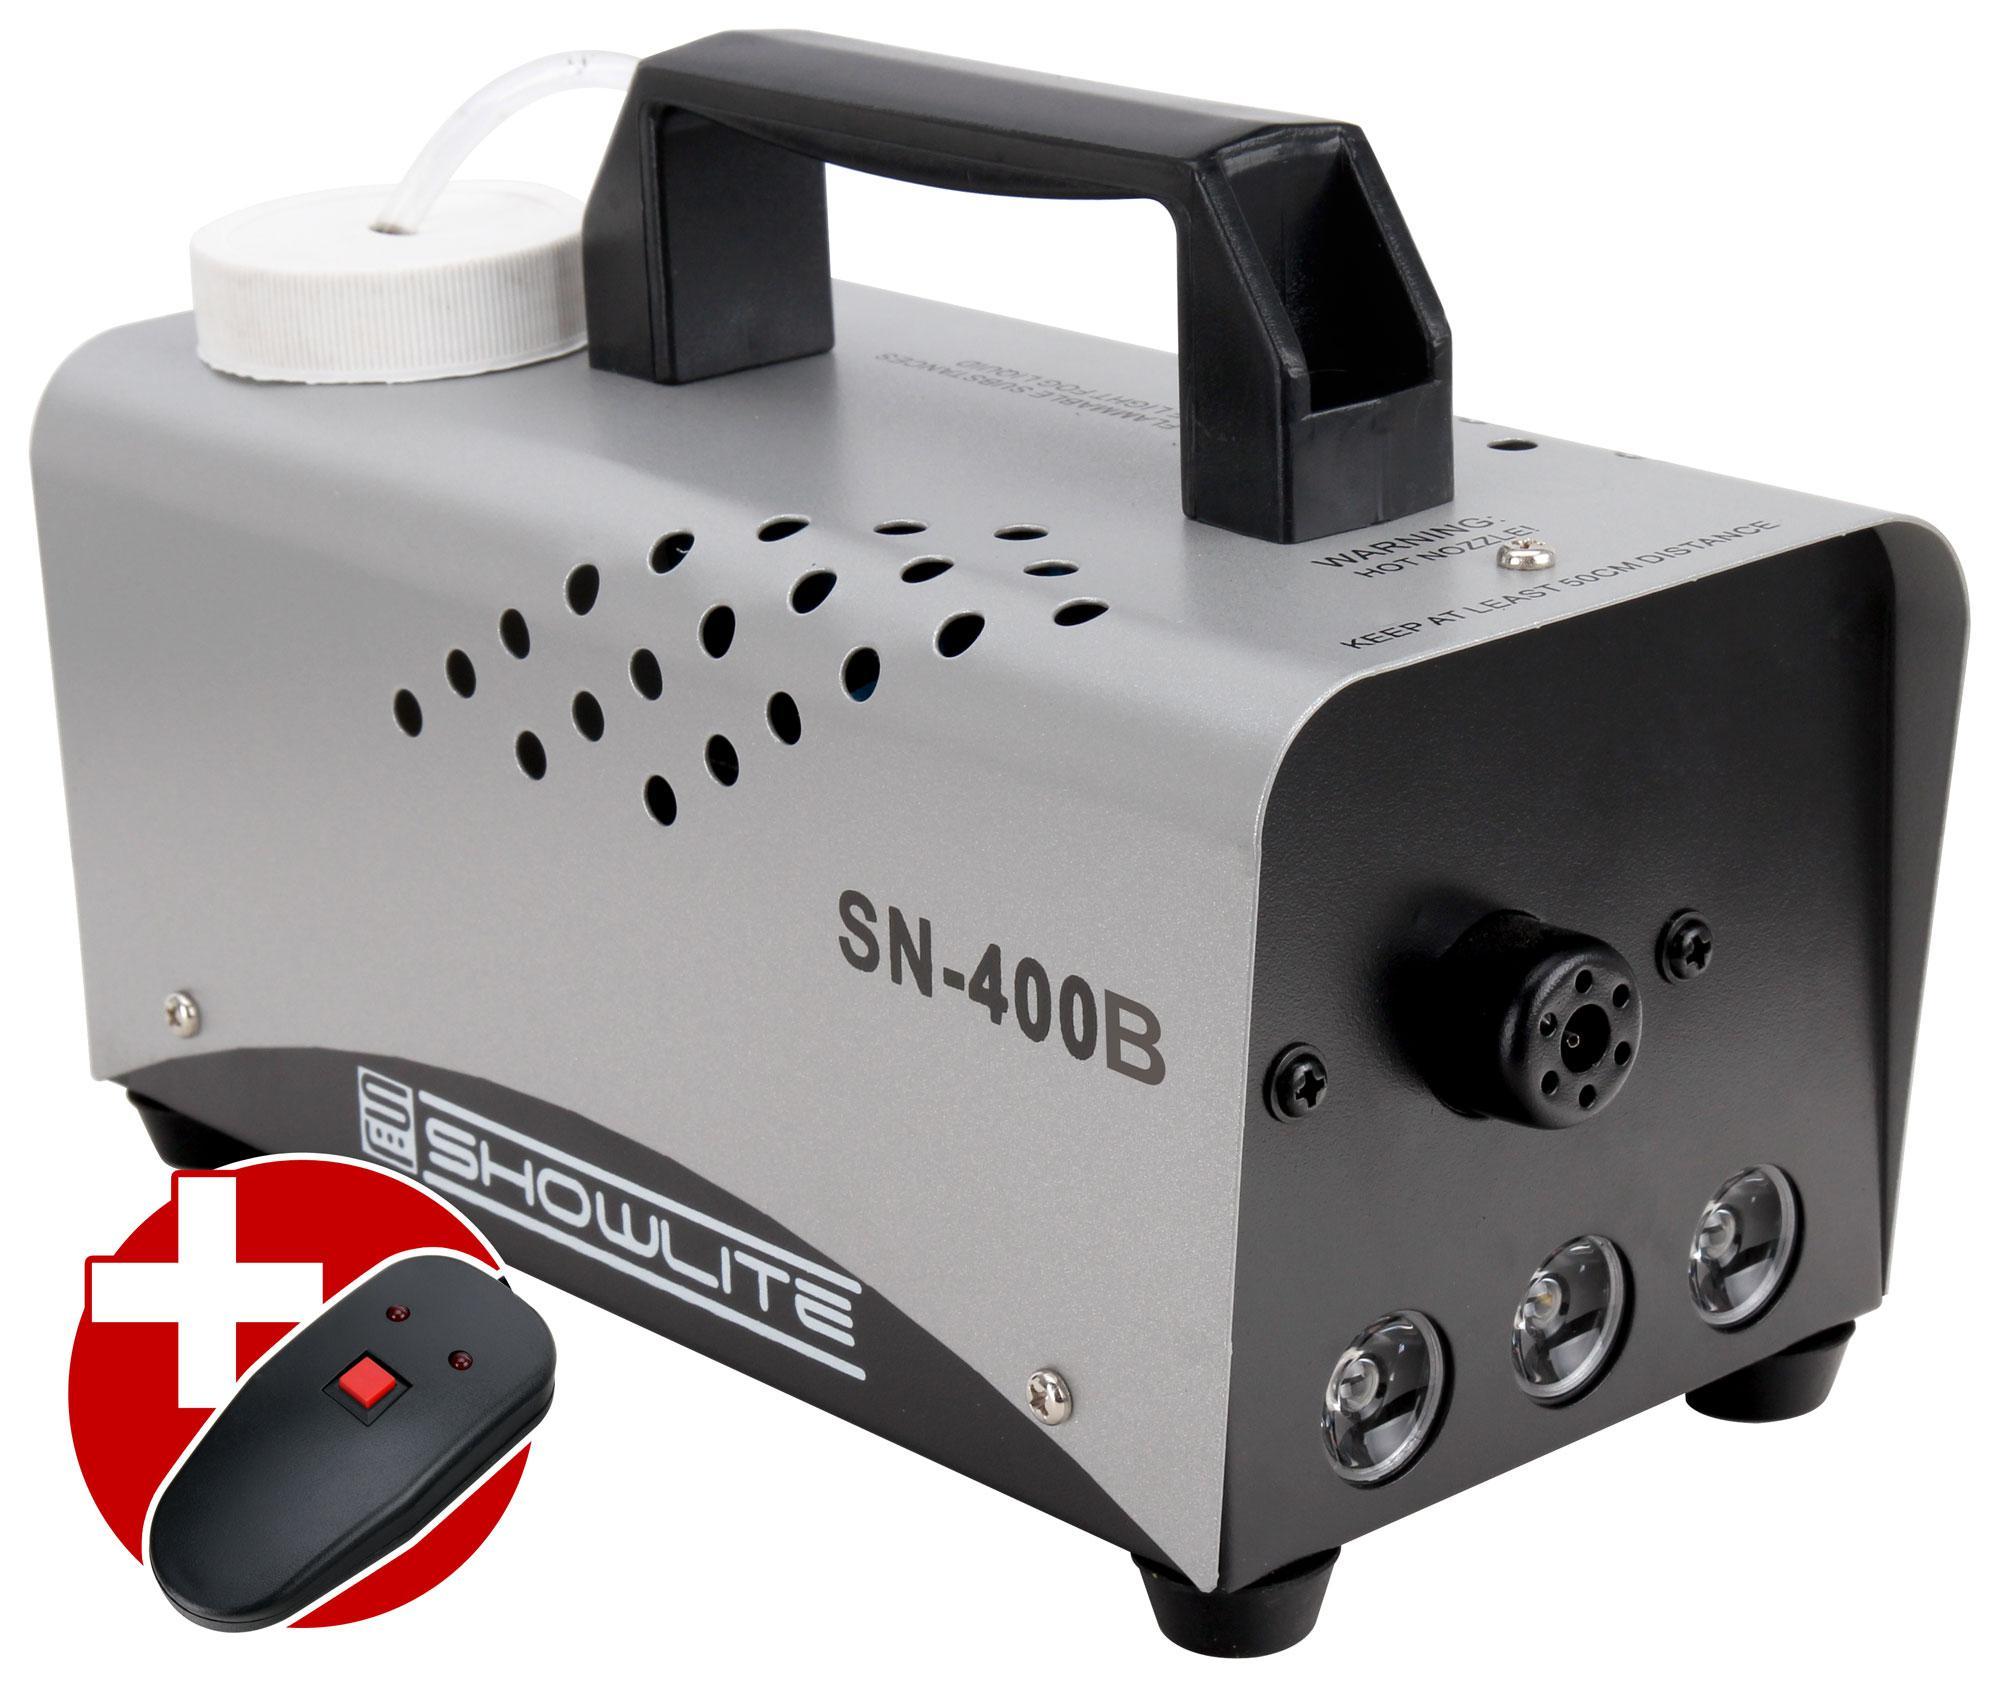 Showlite SN 400B LED Nebelmaschine blau 400W inkl. Fernbedienung